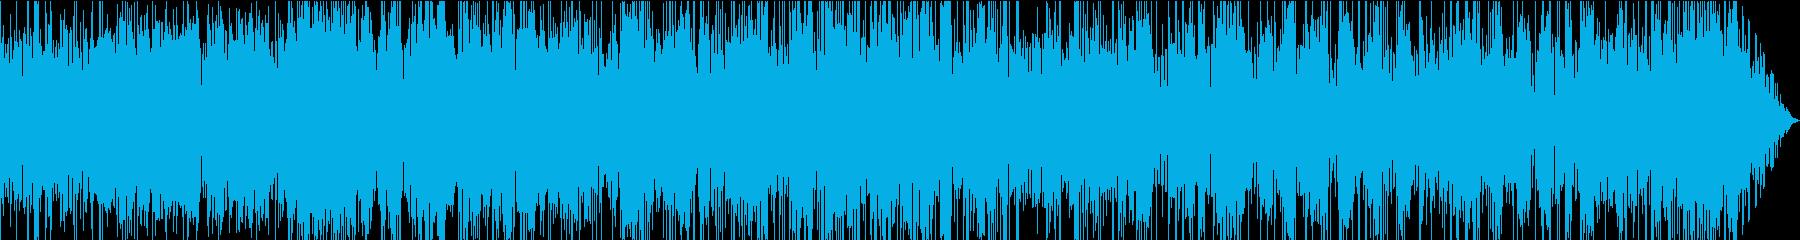 無機的なモードジャズの再生済みの波形